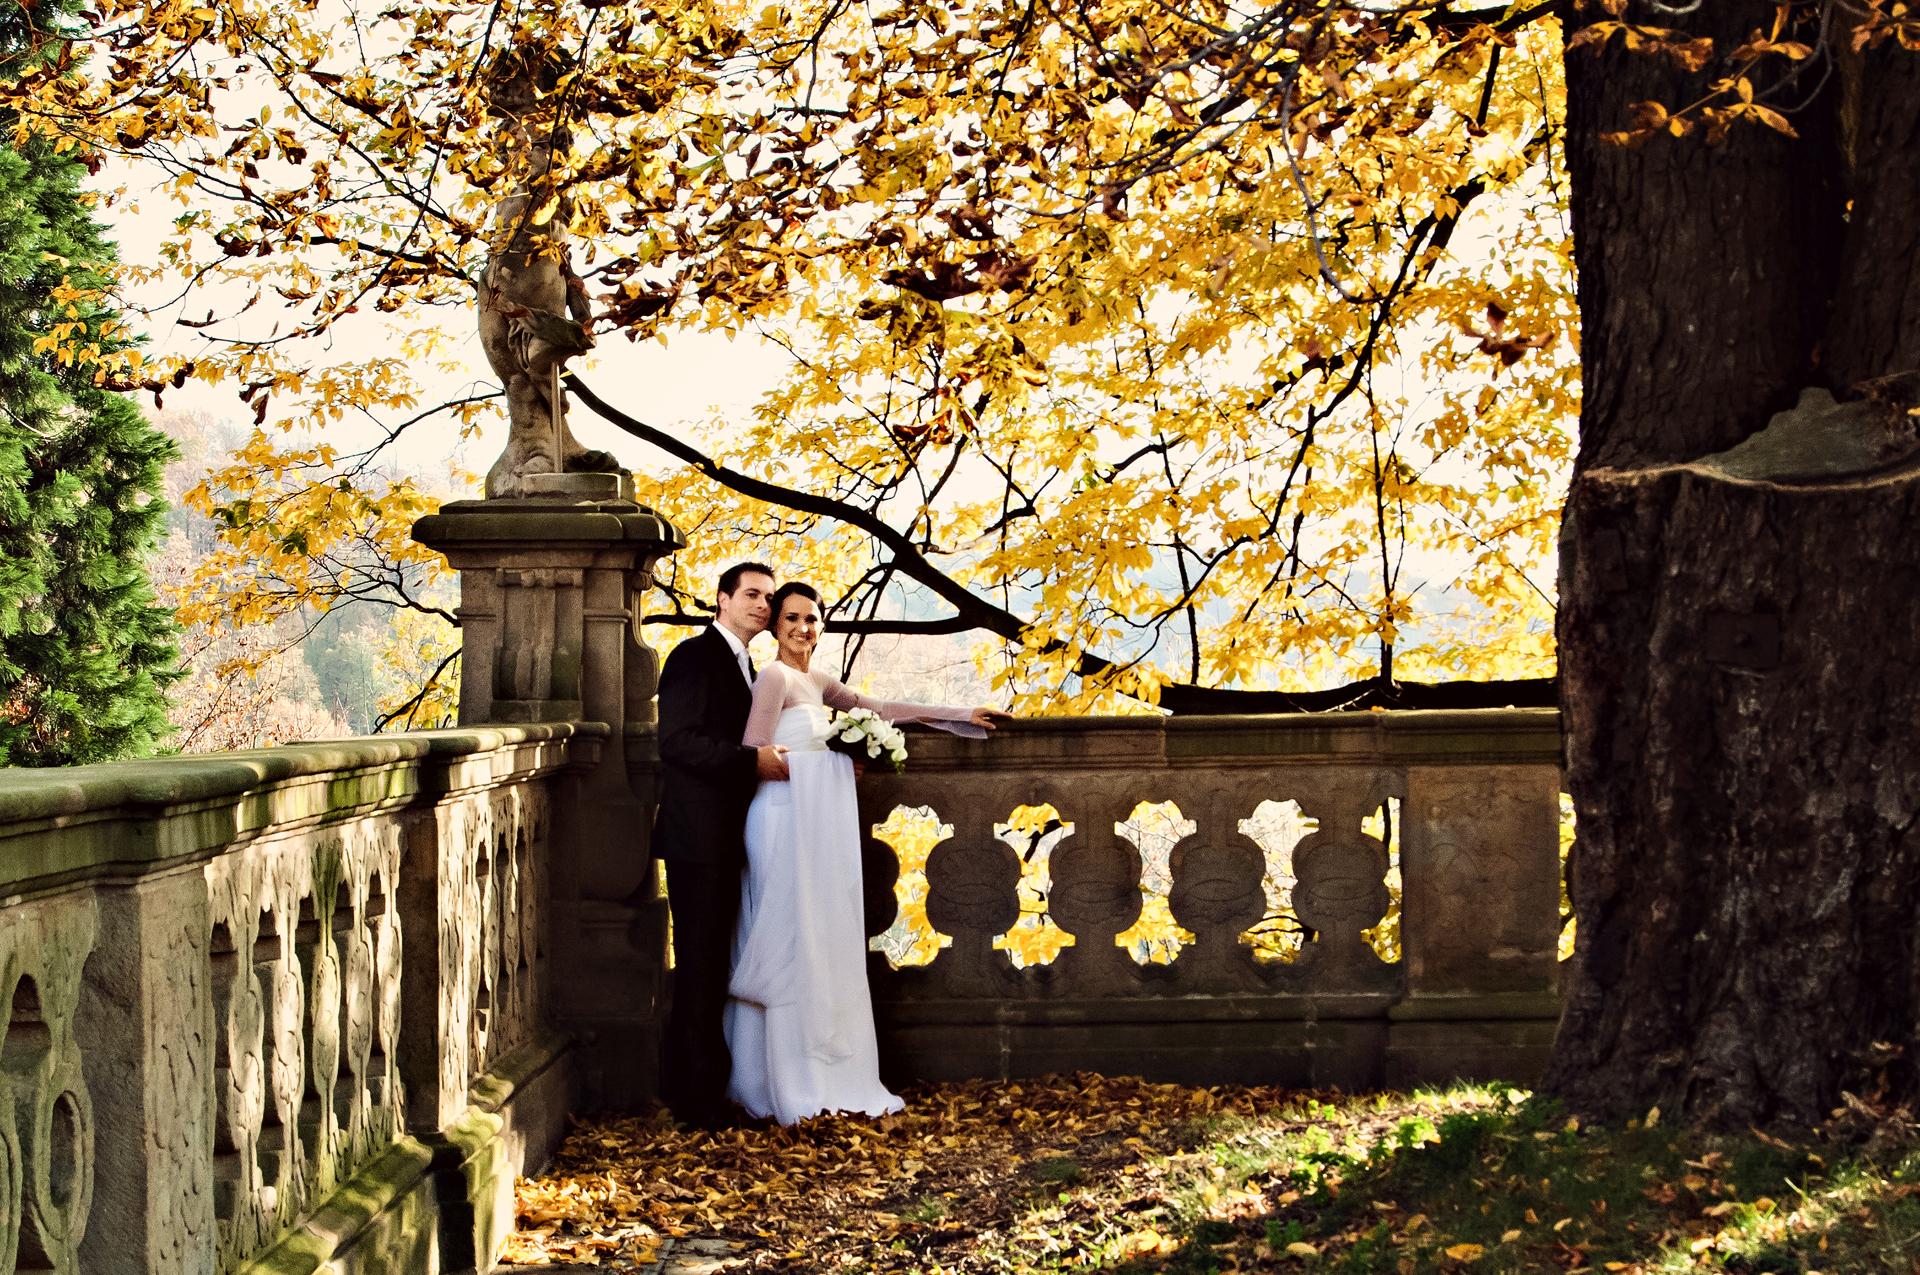 fotograf wałbrzych 16 Plener Oli & Olafa w Zamek Książ